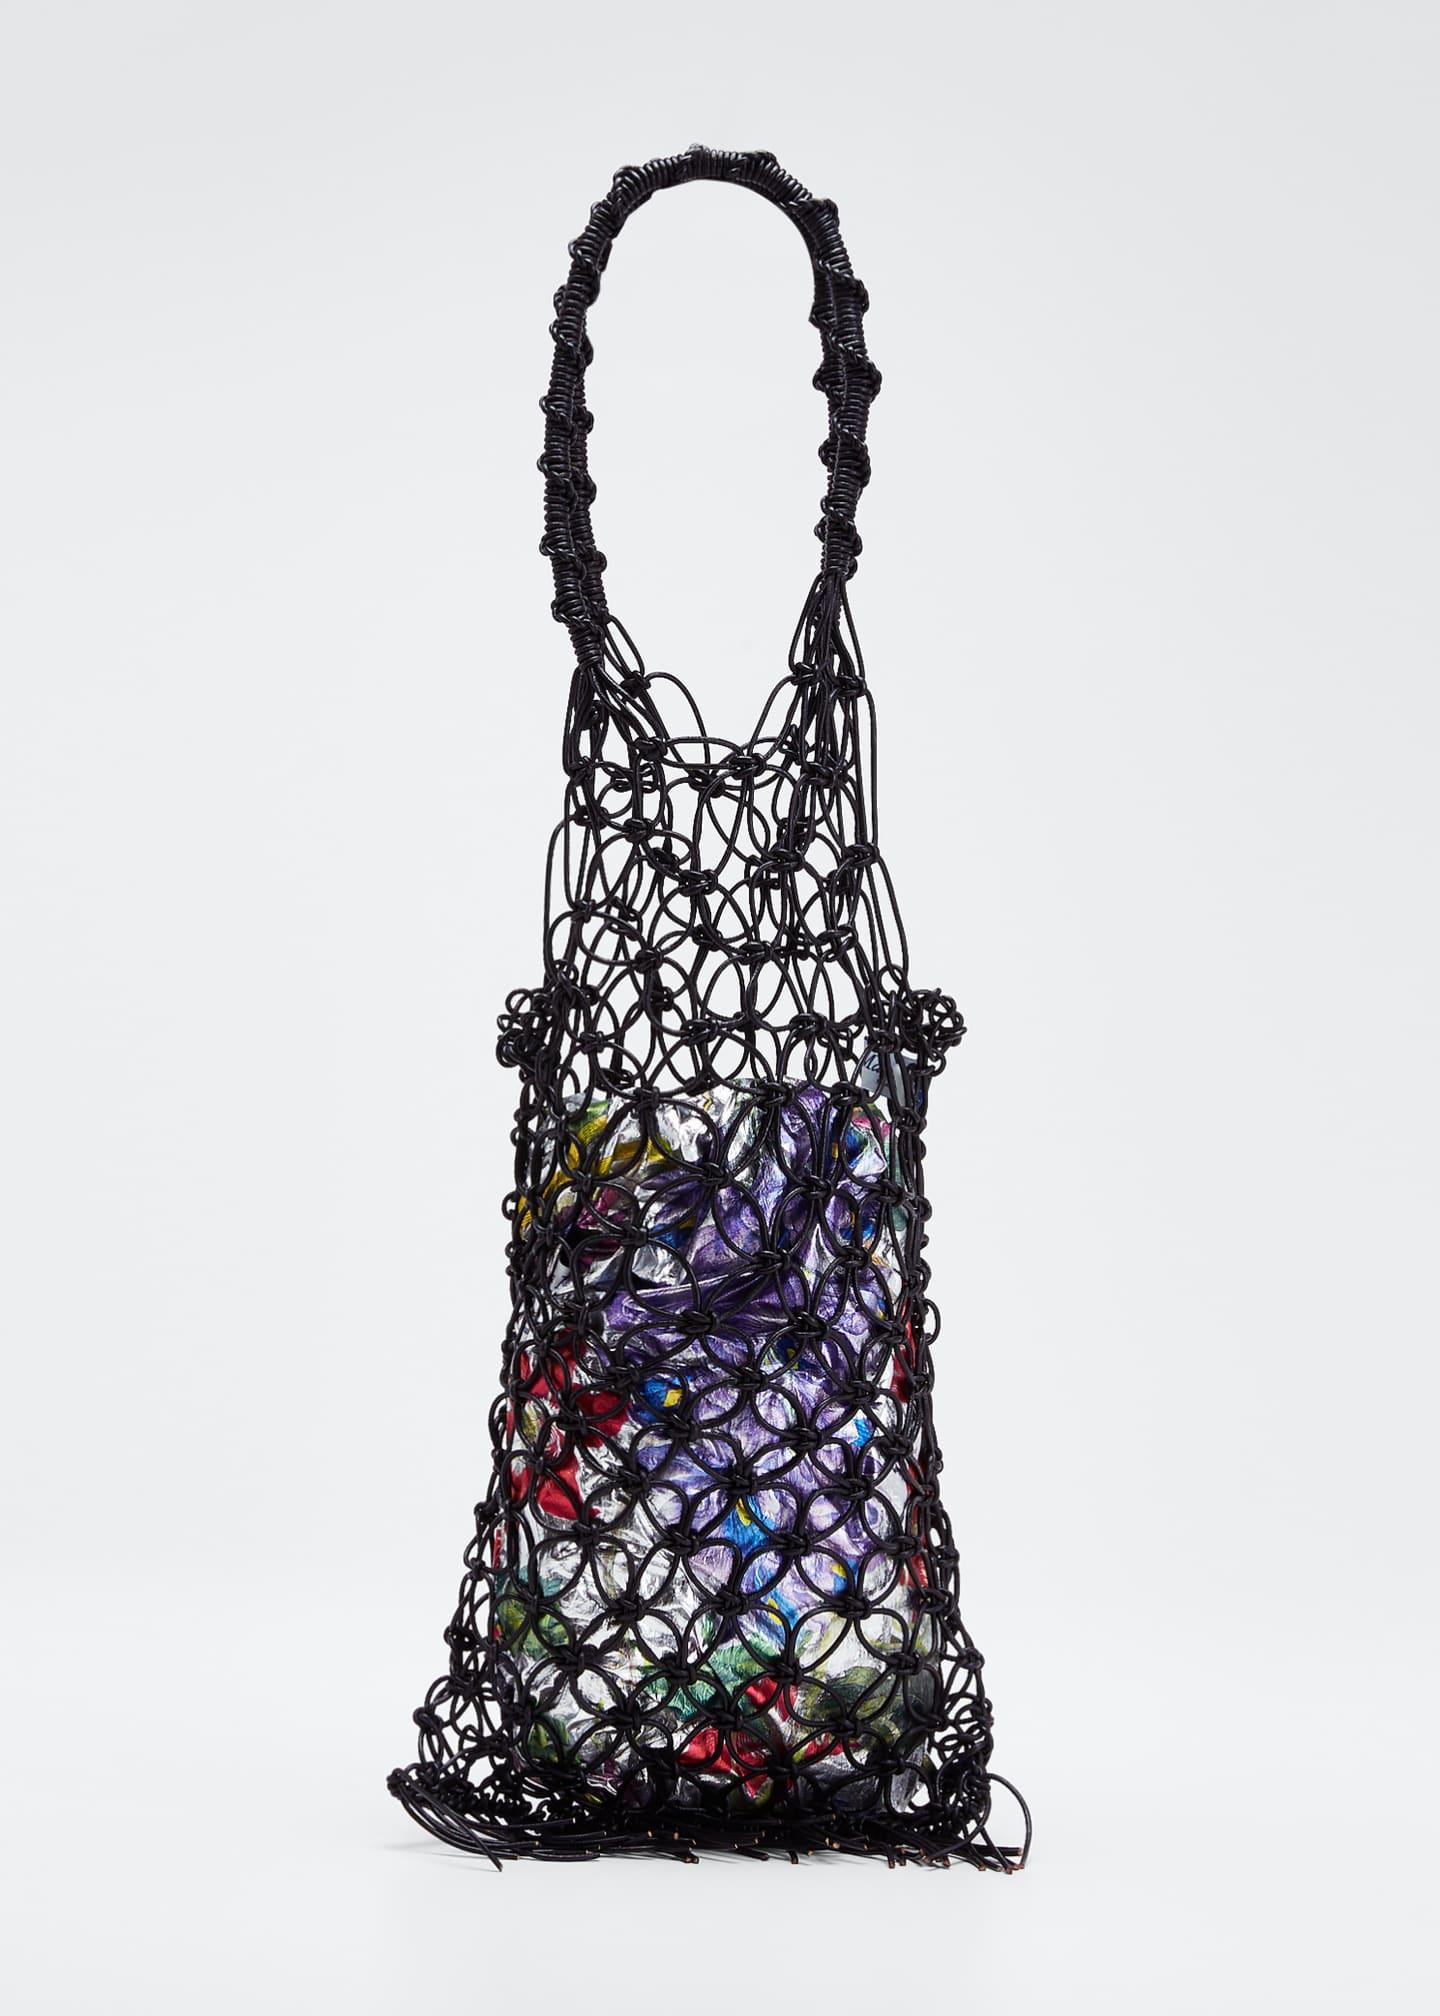 Maria La Rosa Camomille Leather Woven Tote Bag